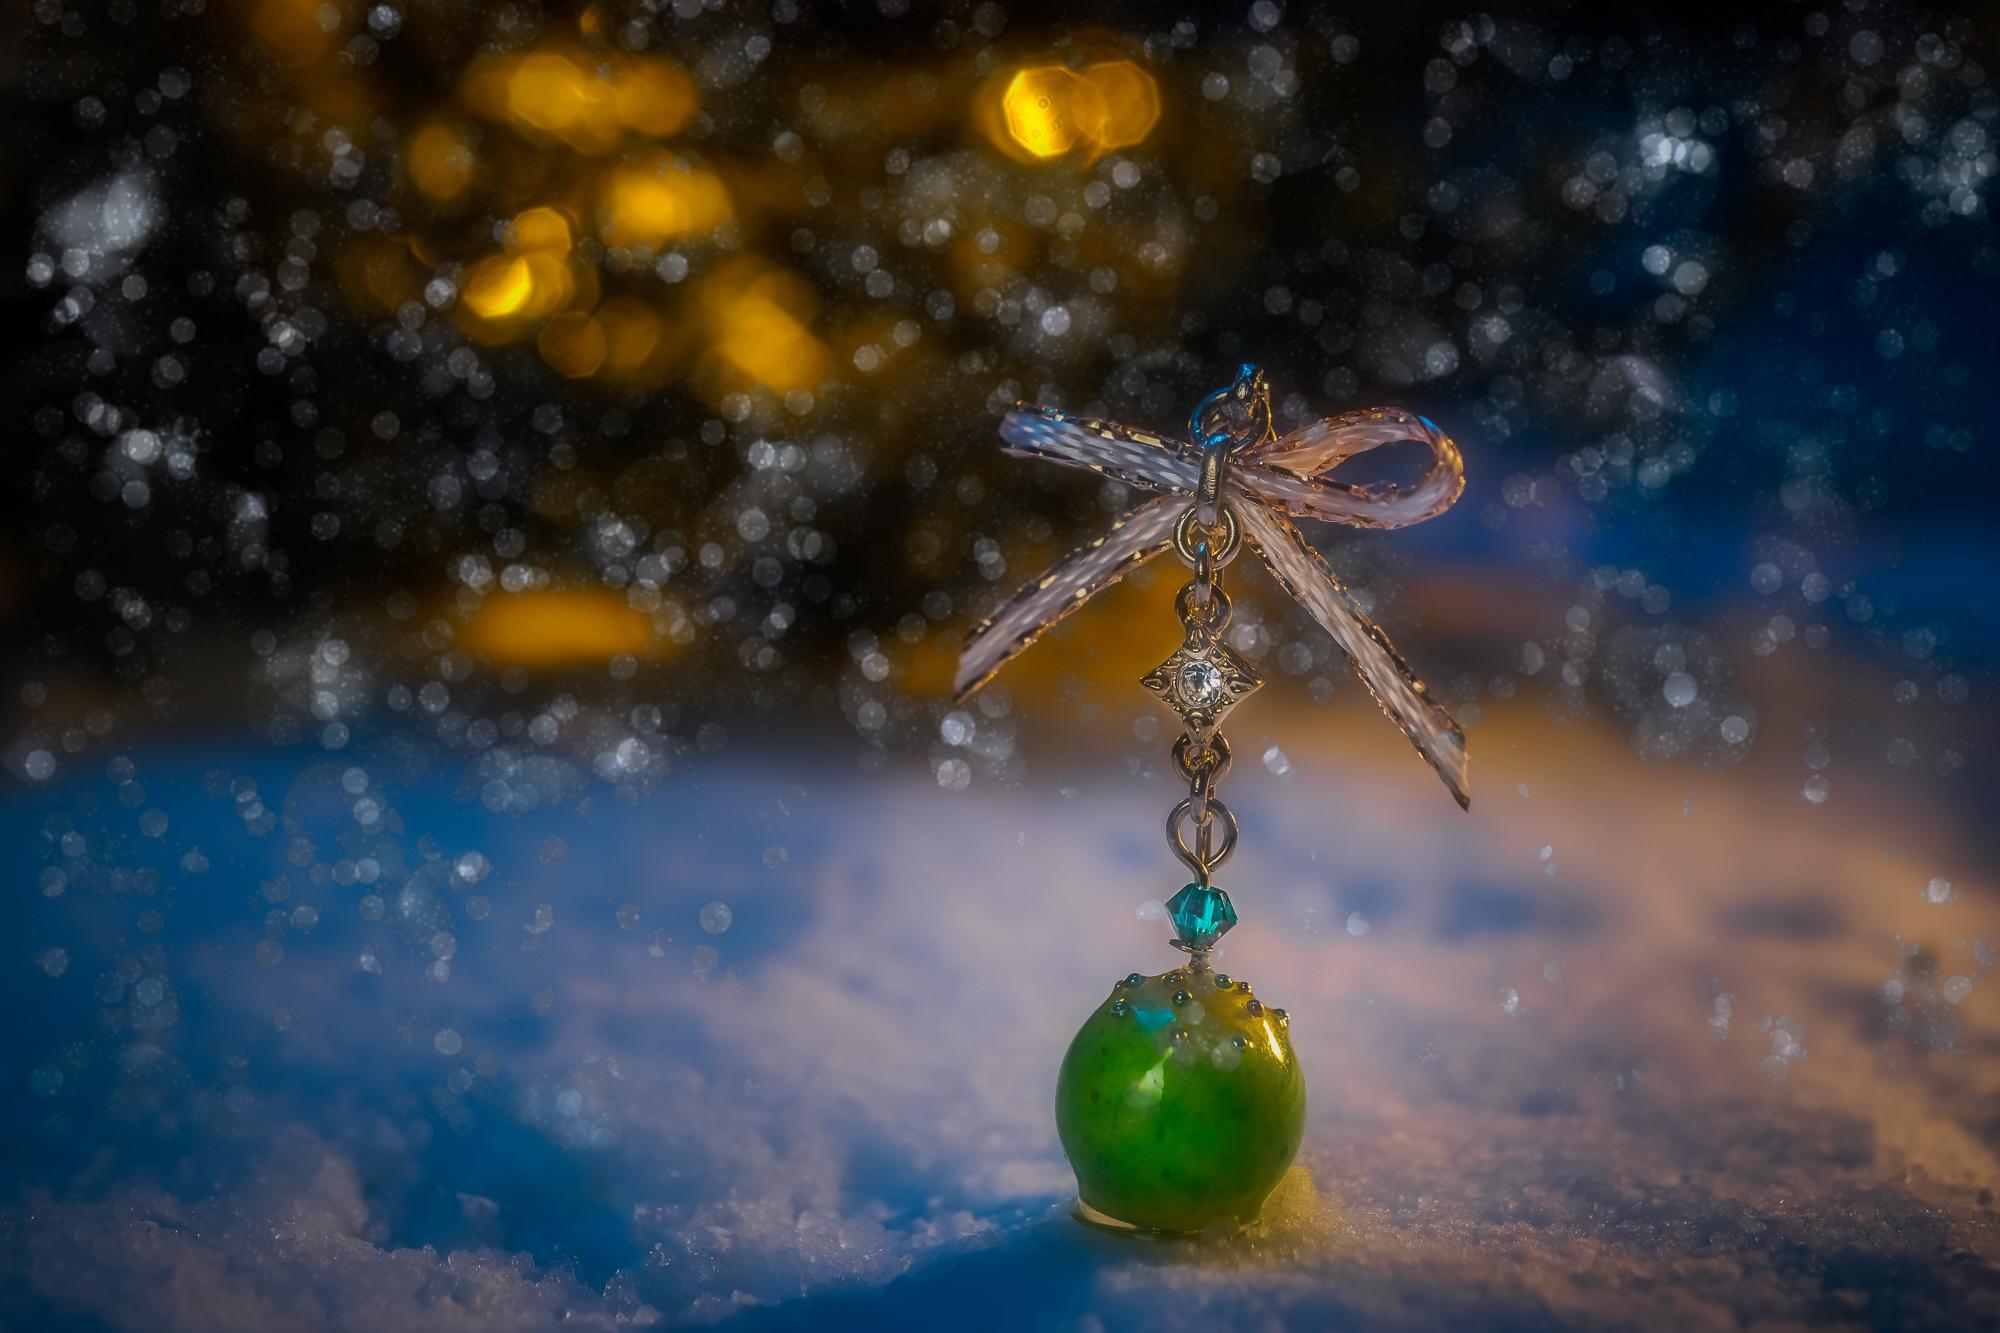 クリスマス2020イメージ_雪_グロー